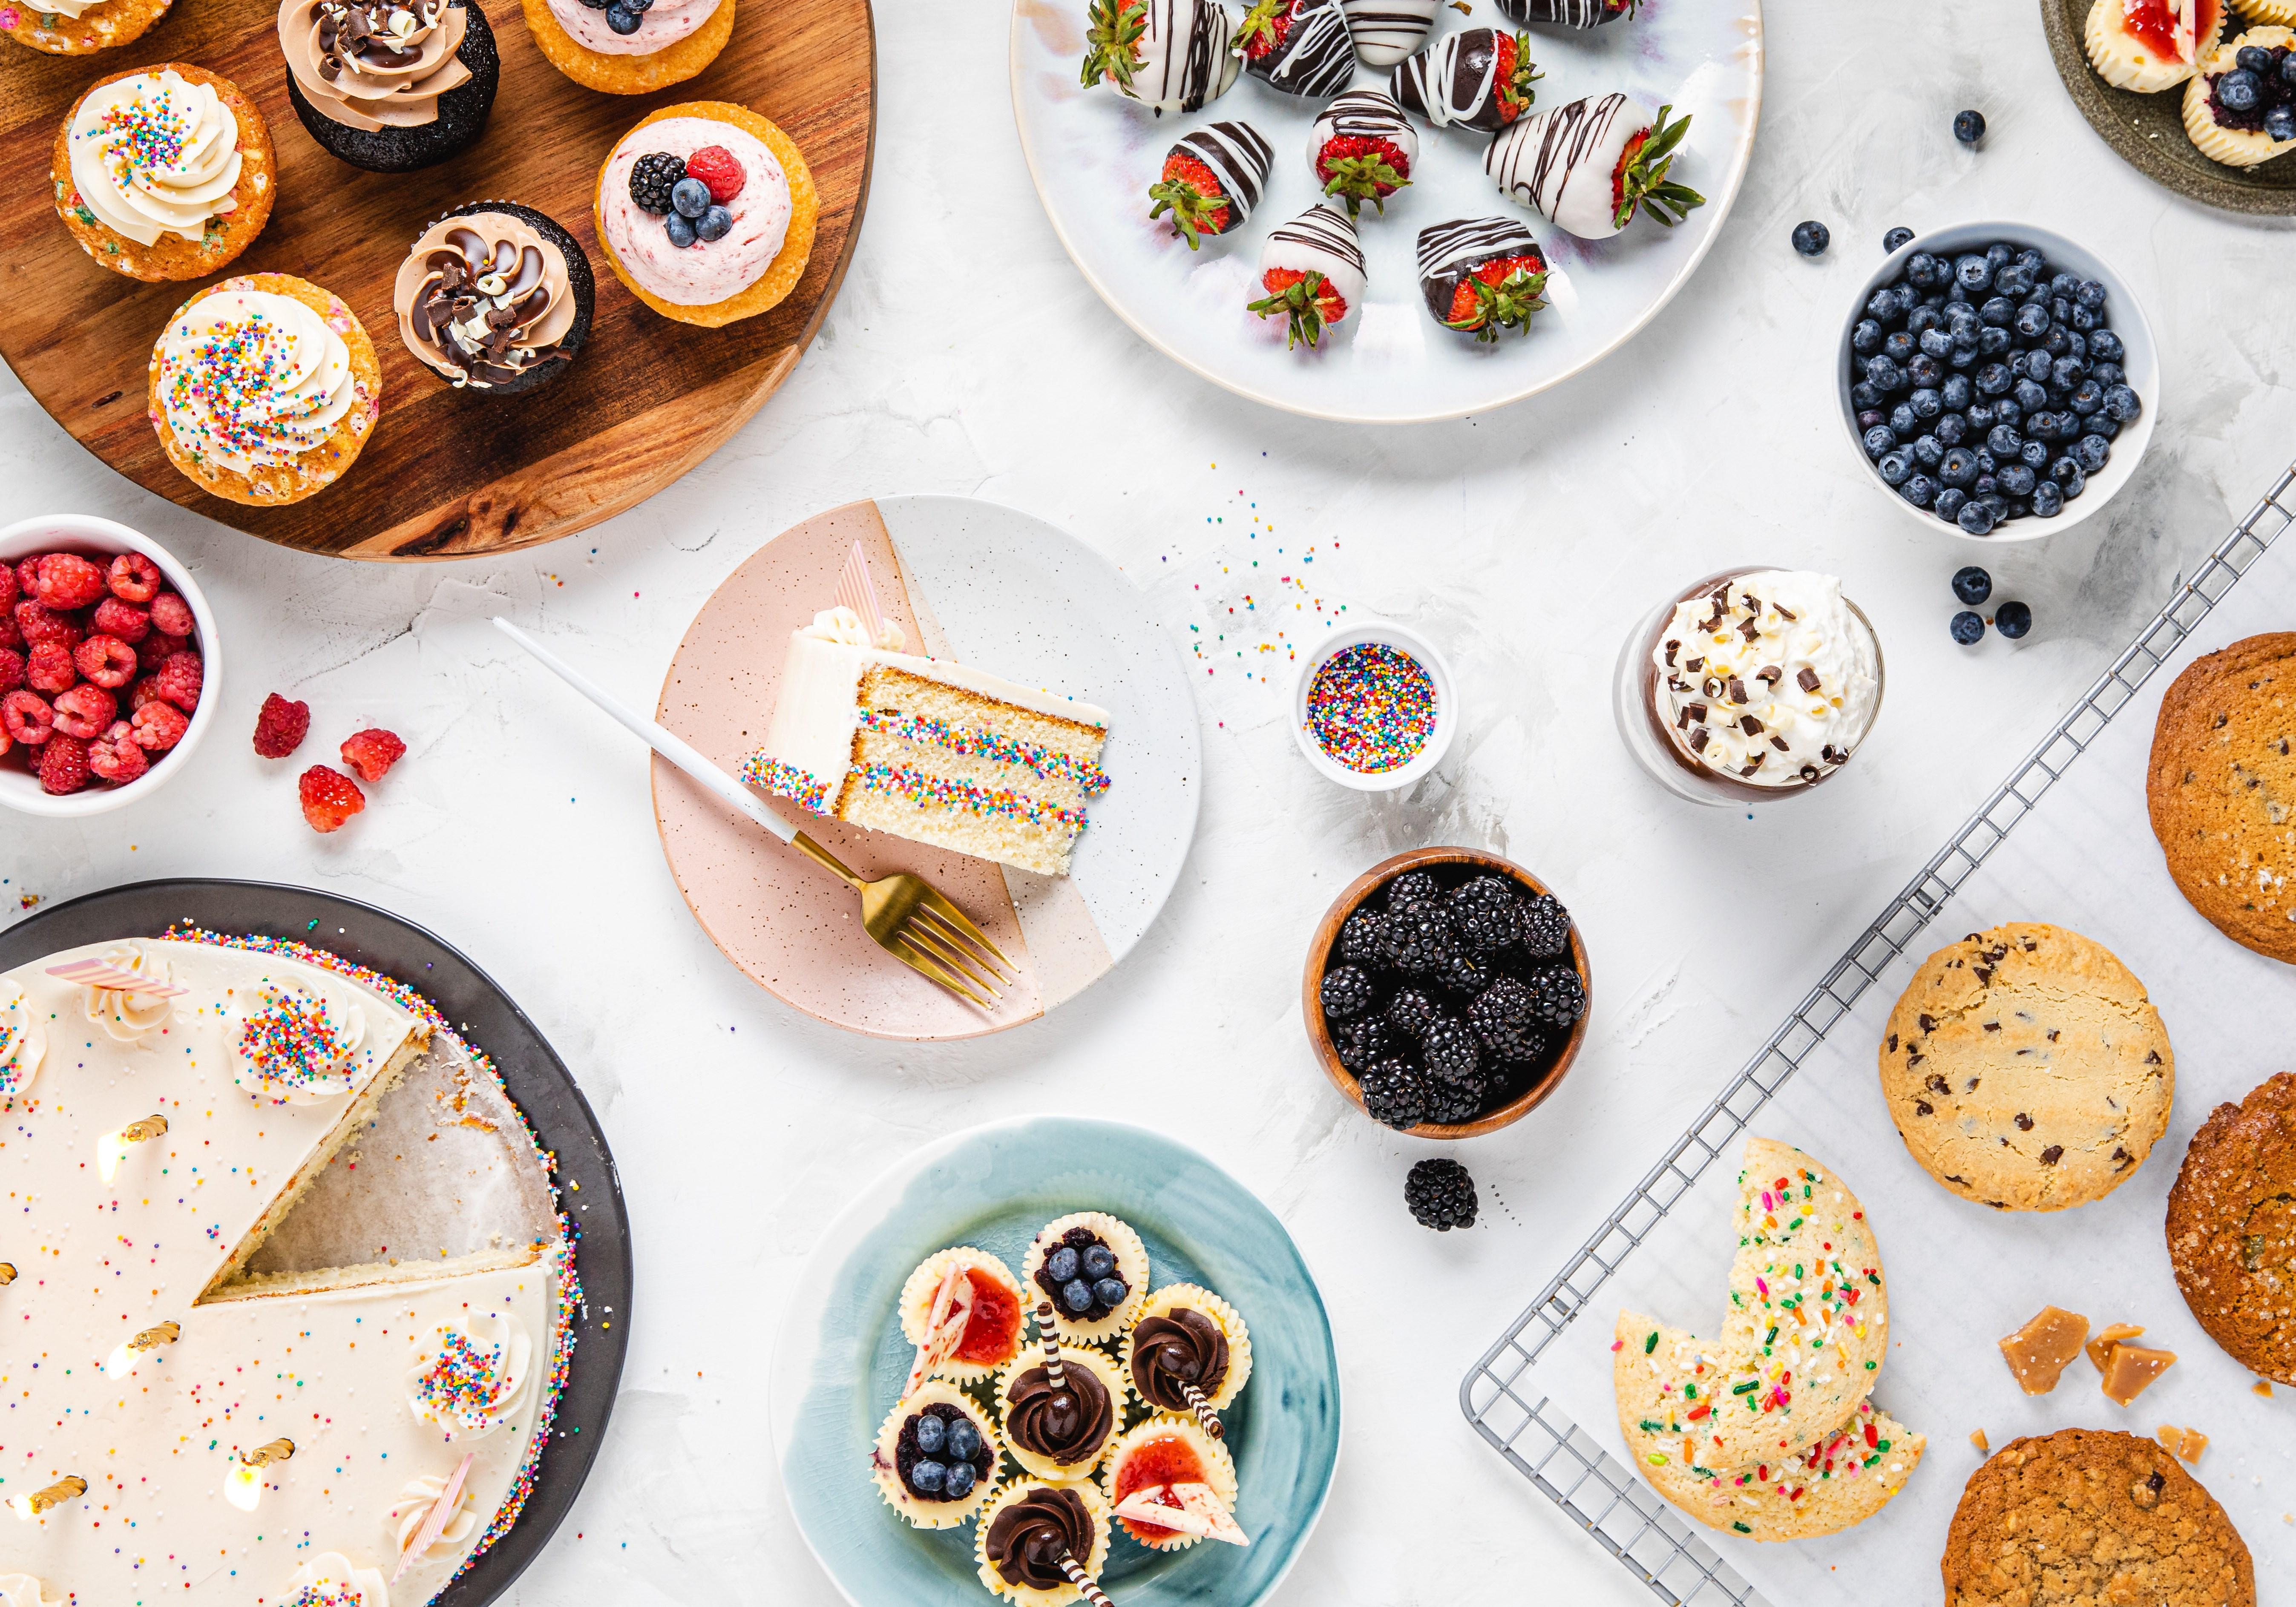 Desserts, Snacks & Beverages